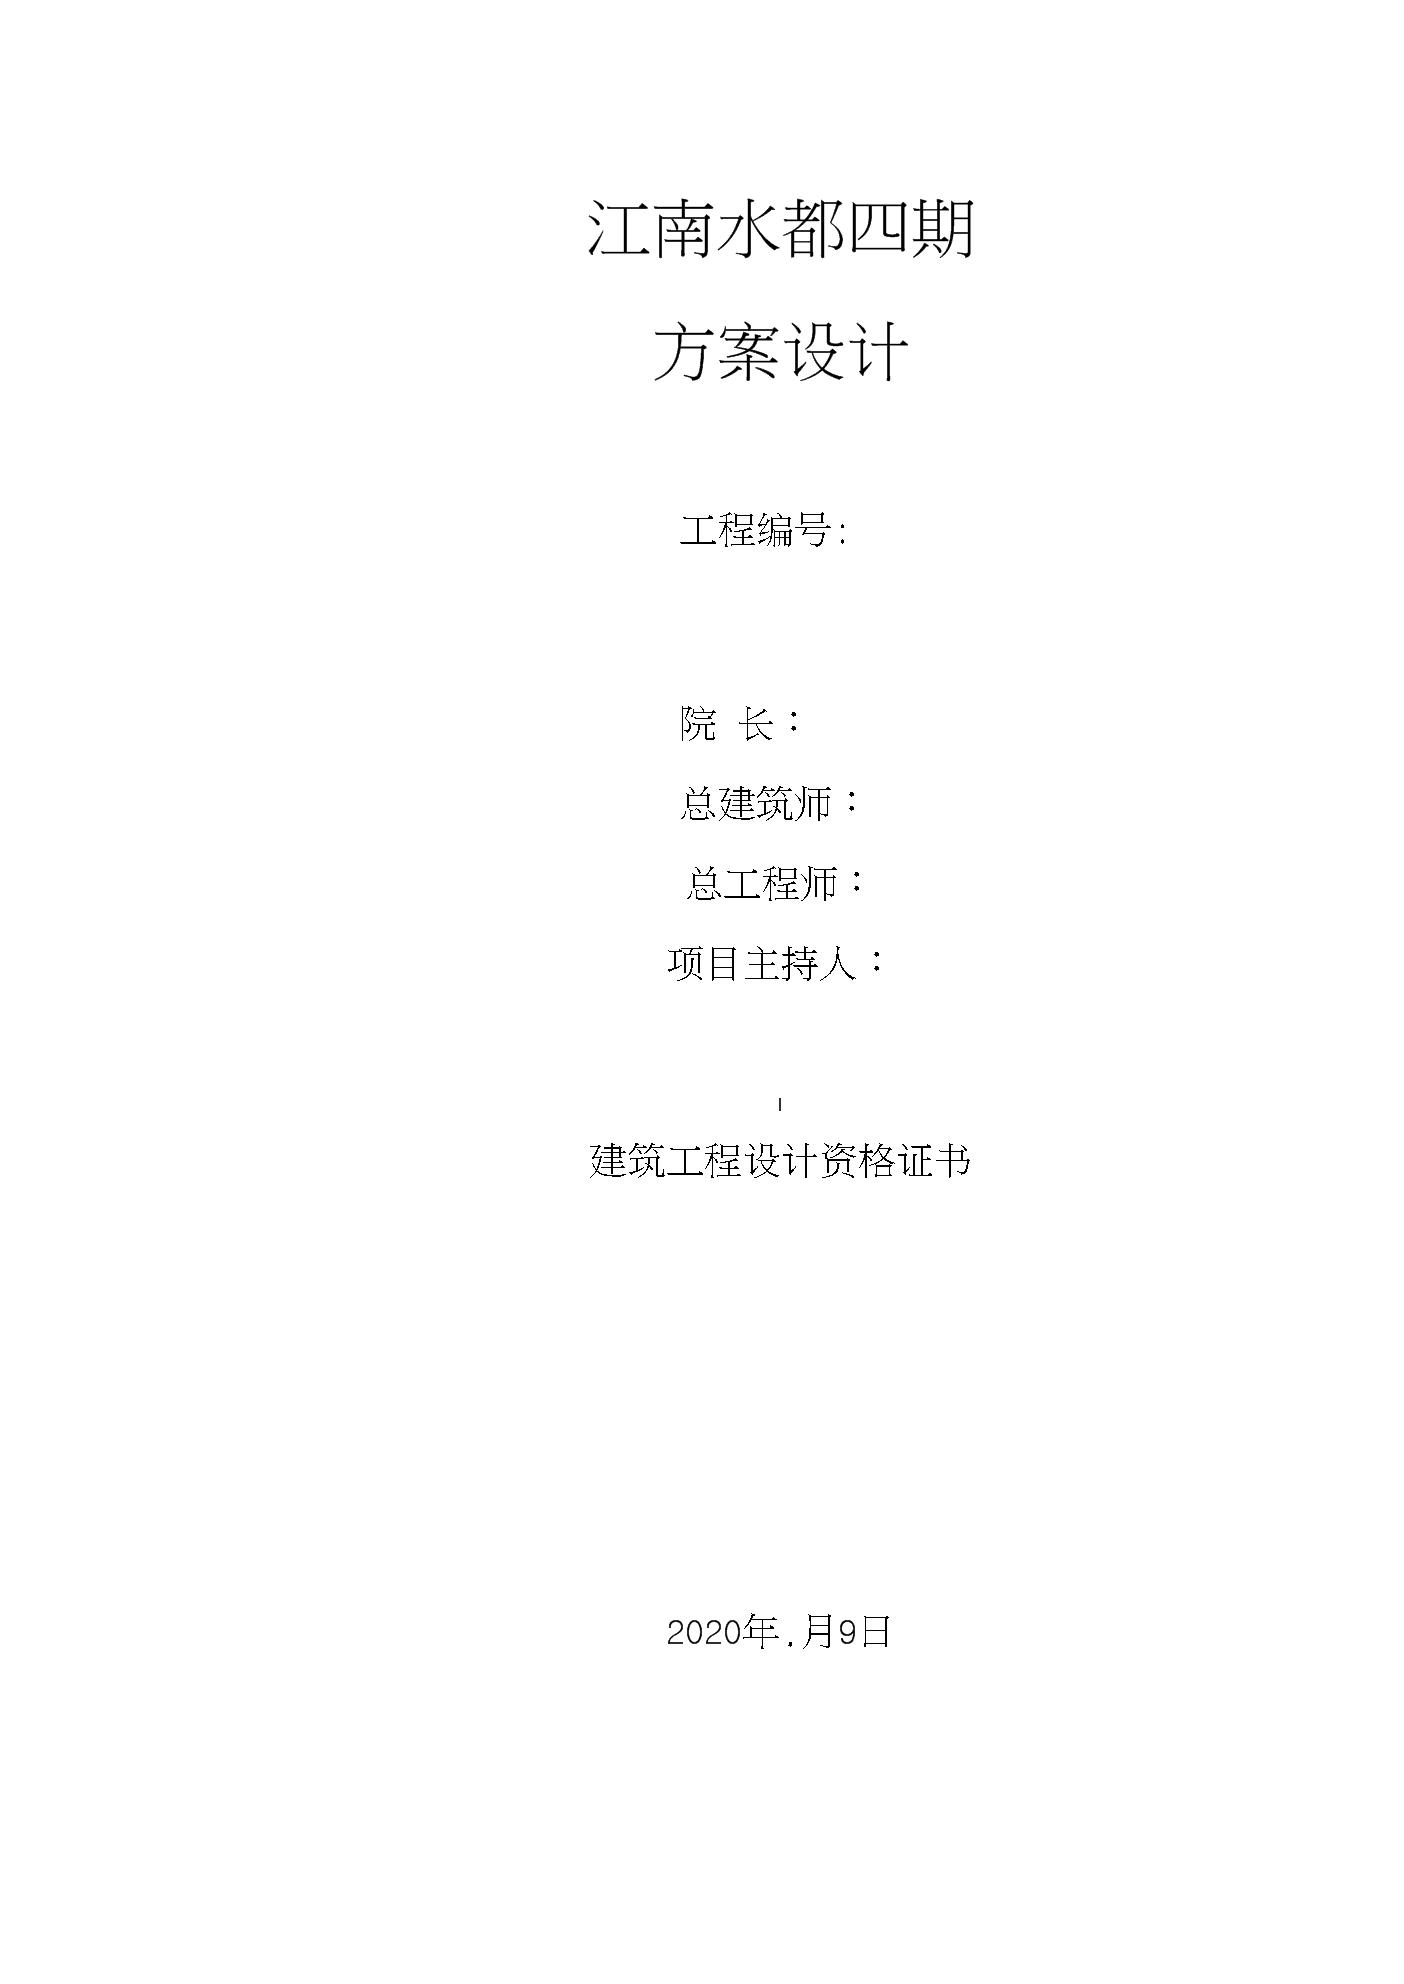 2019年住宅建筑设计方案说明.doc.docx